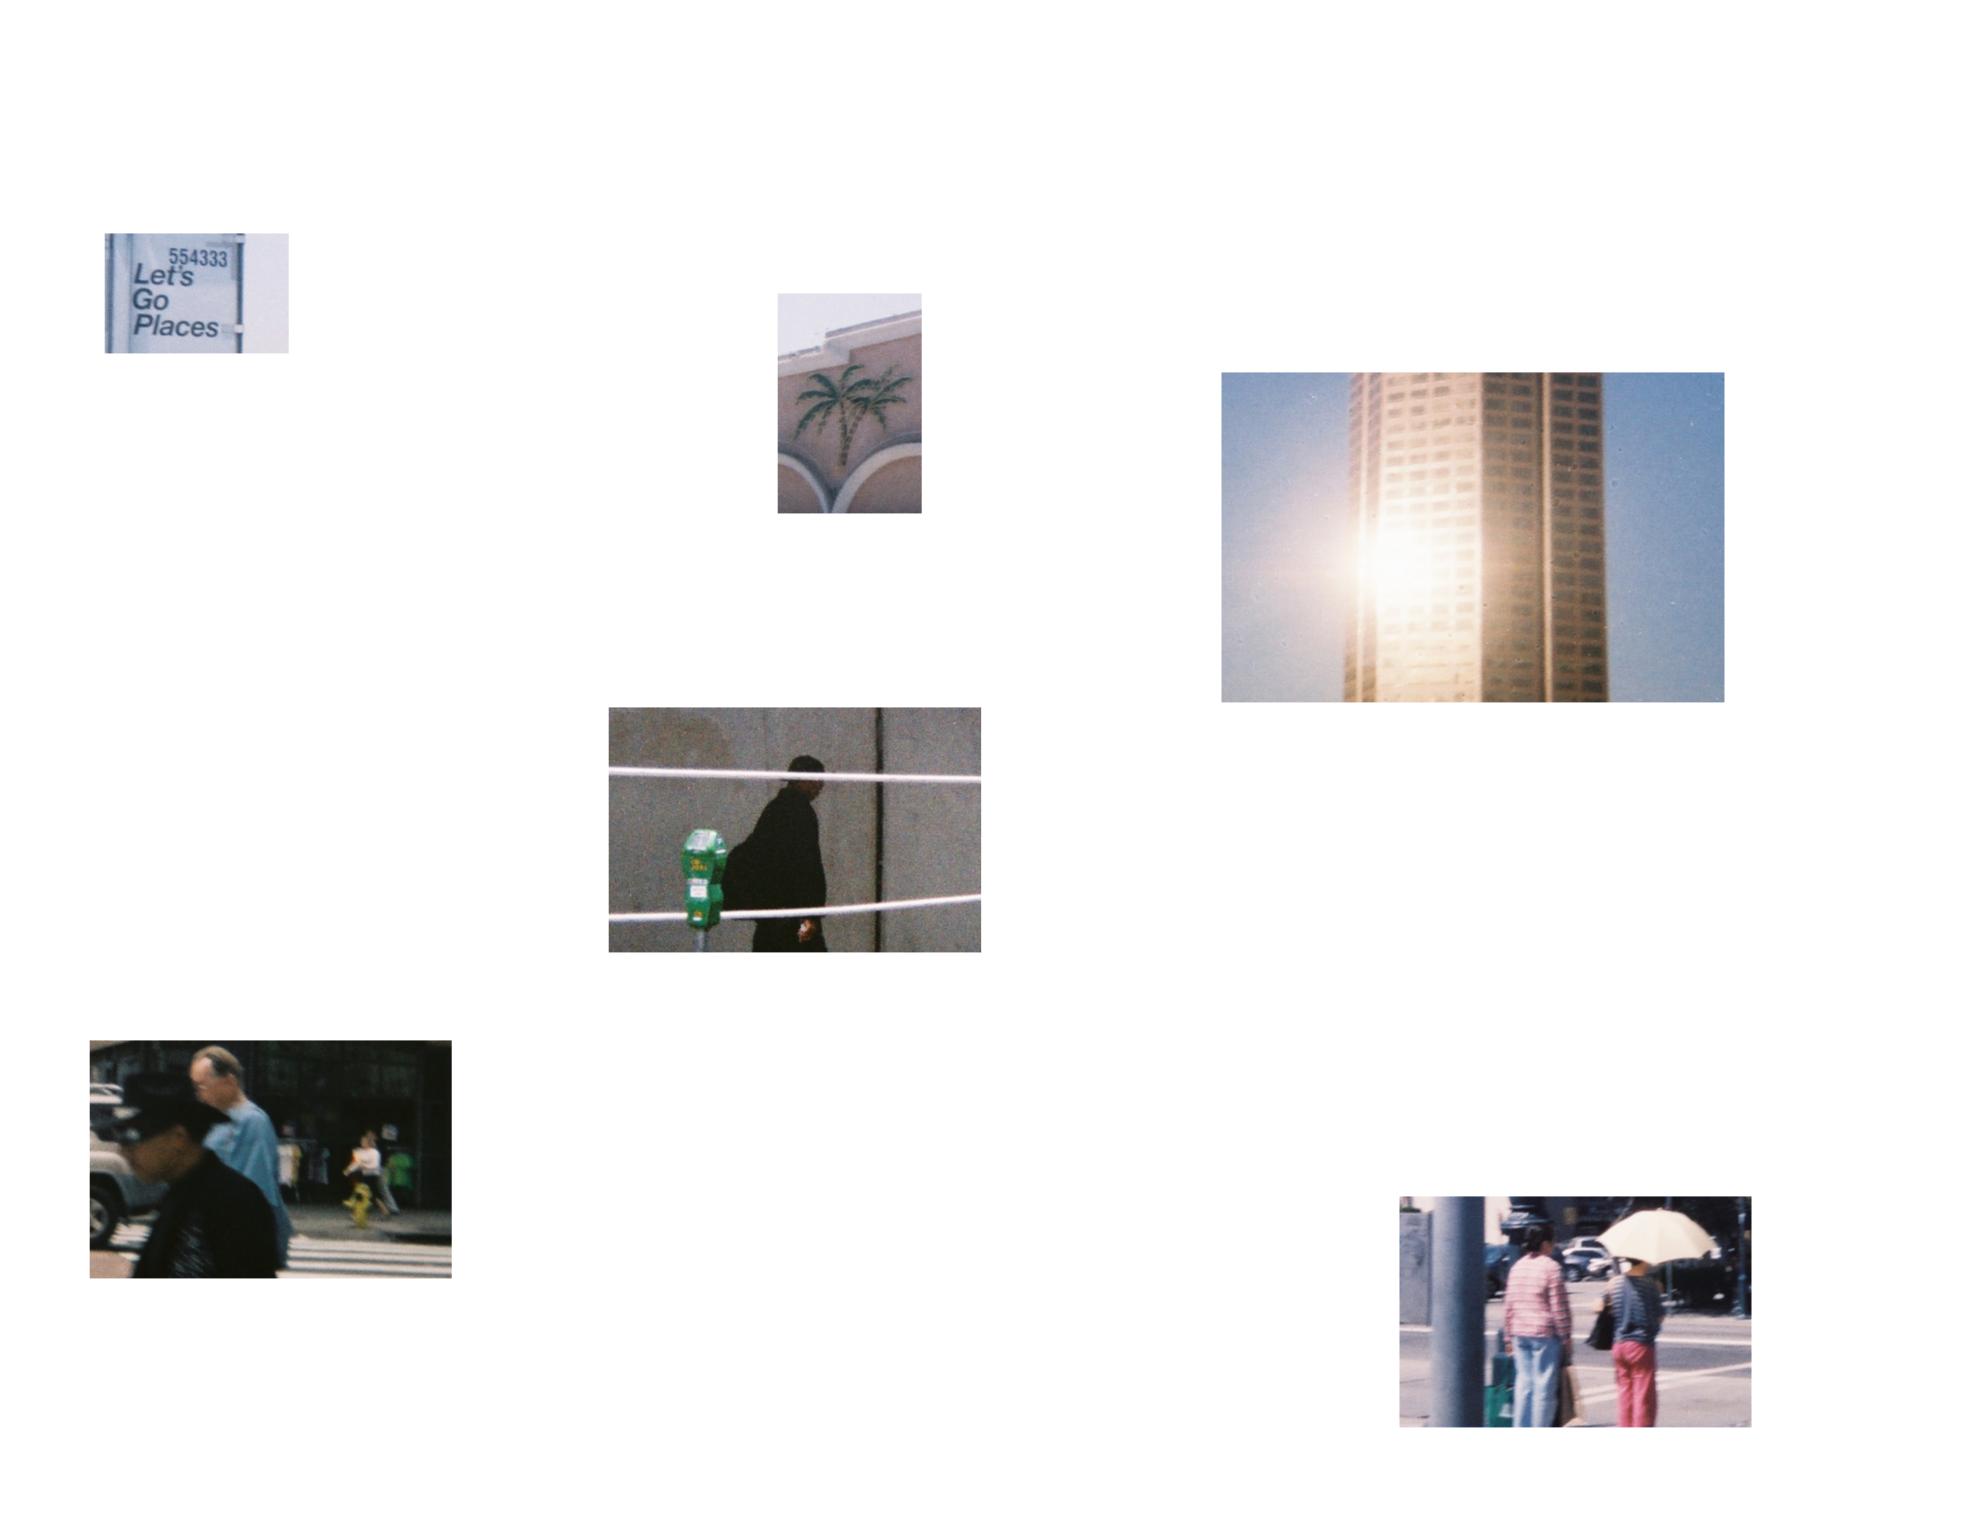 Screen Shot 2019-02-17 at 6.49.08 PM.png